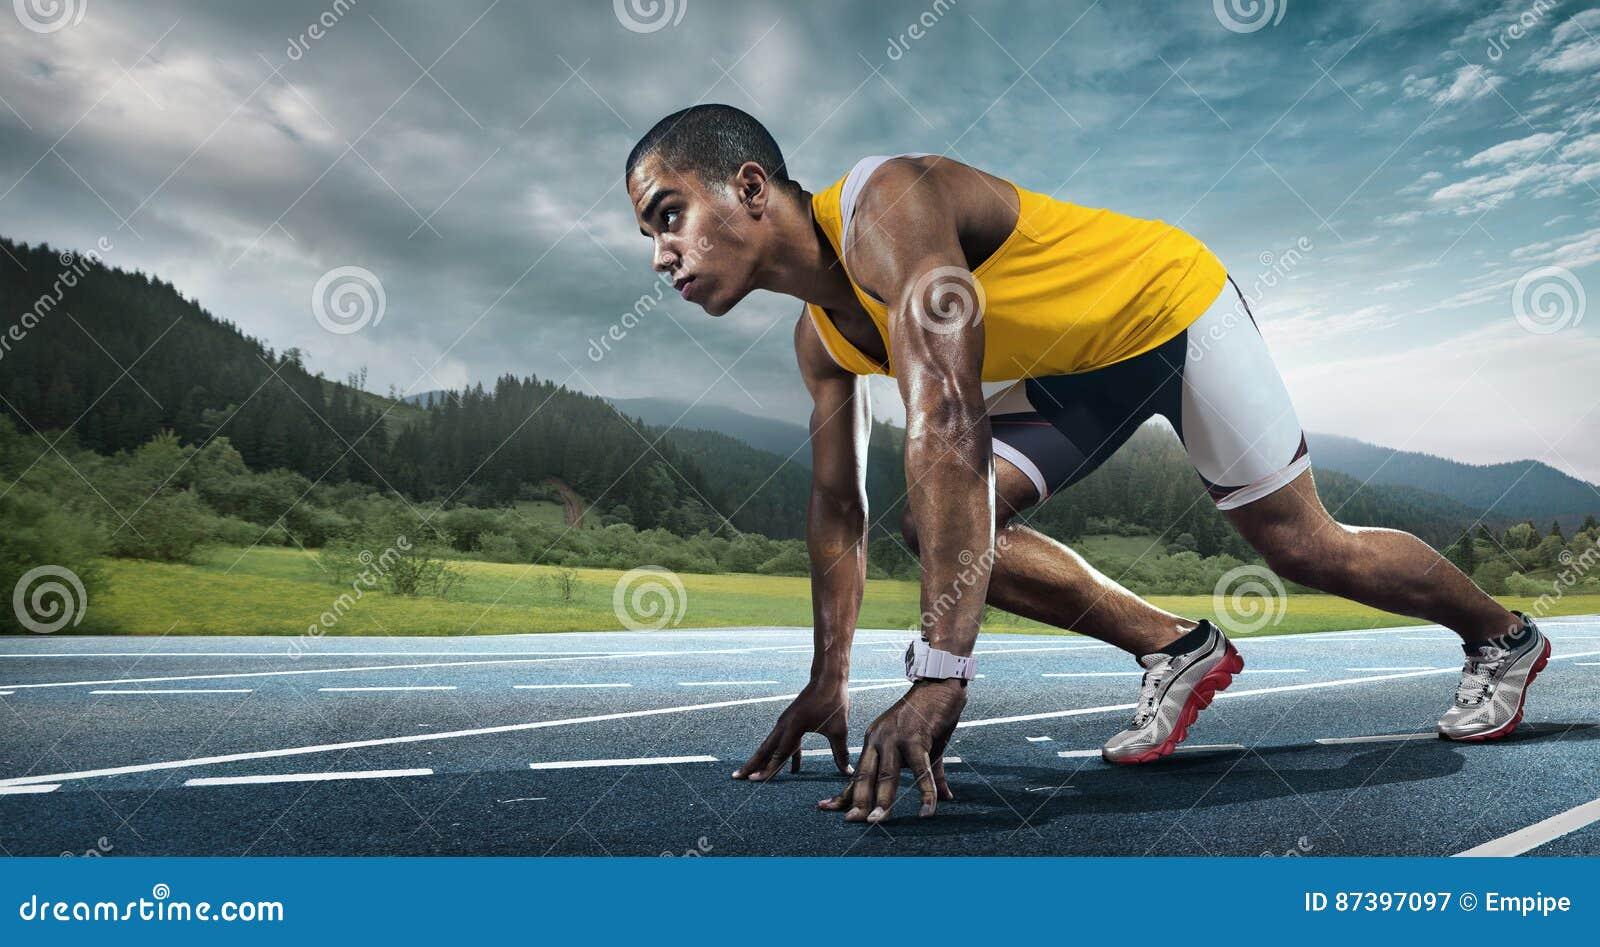 Runner on the start.